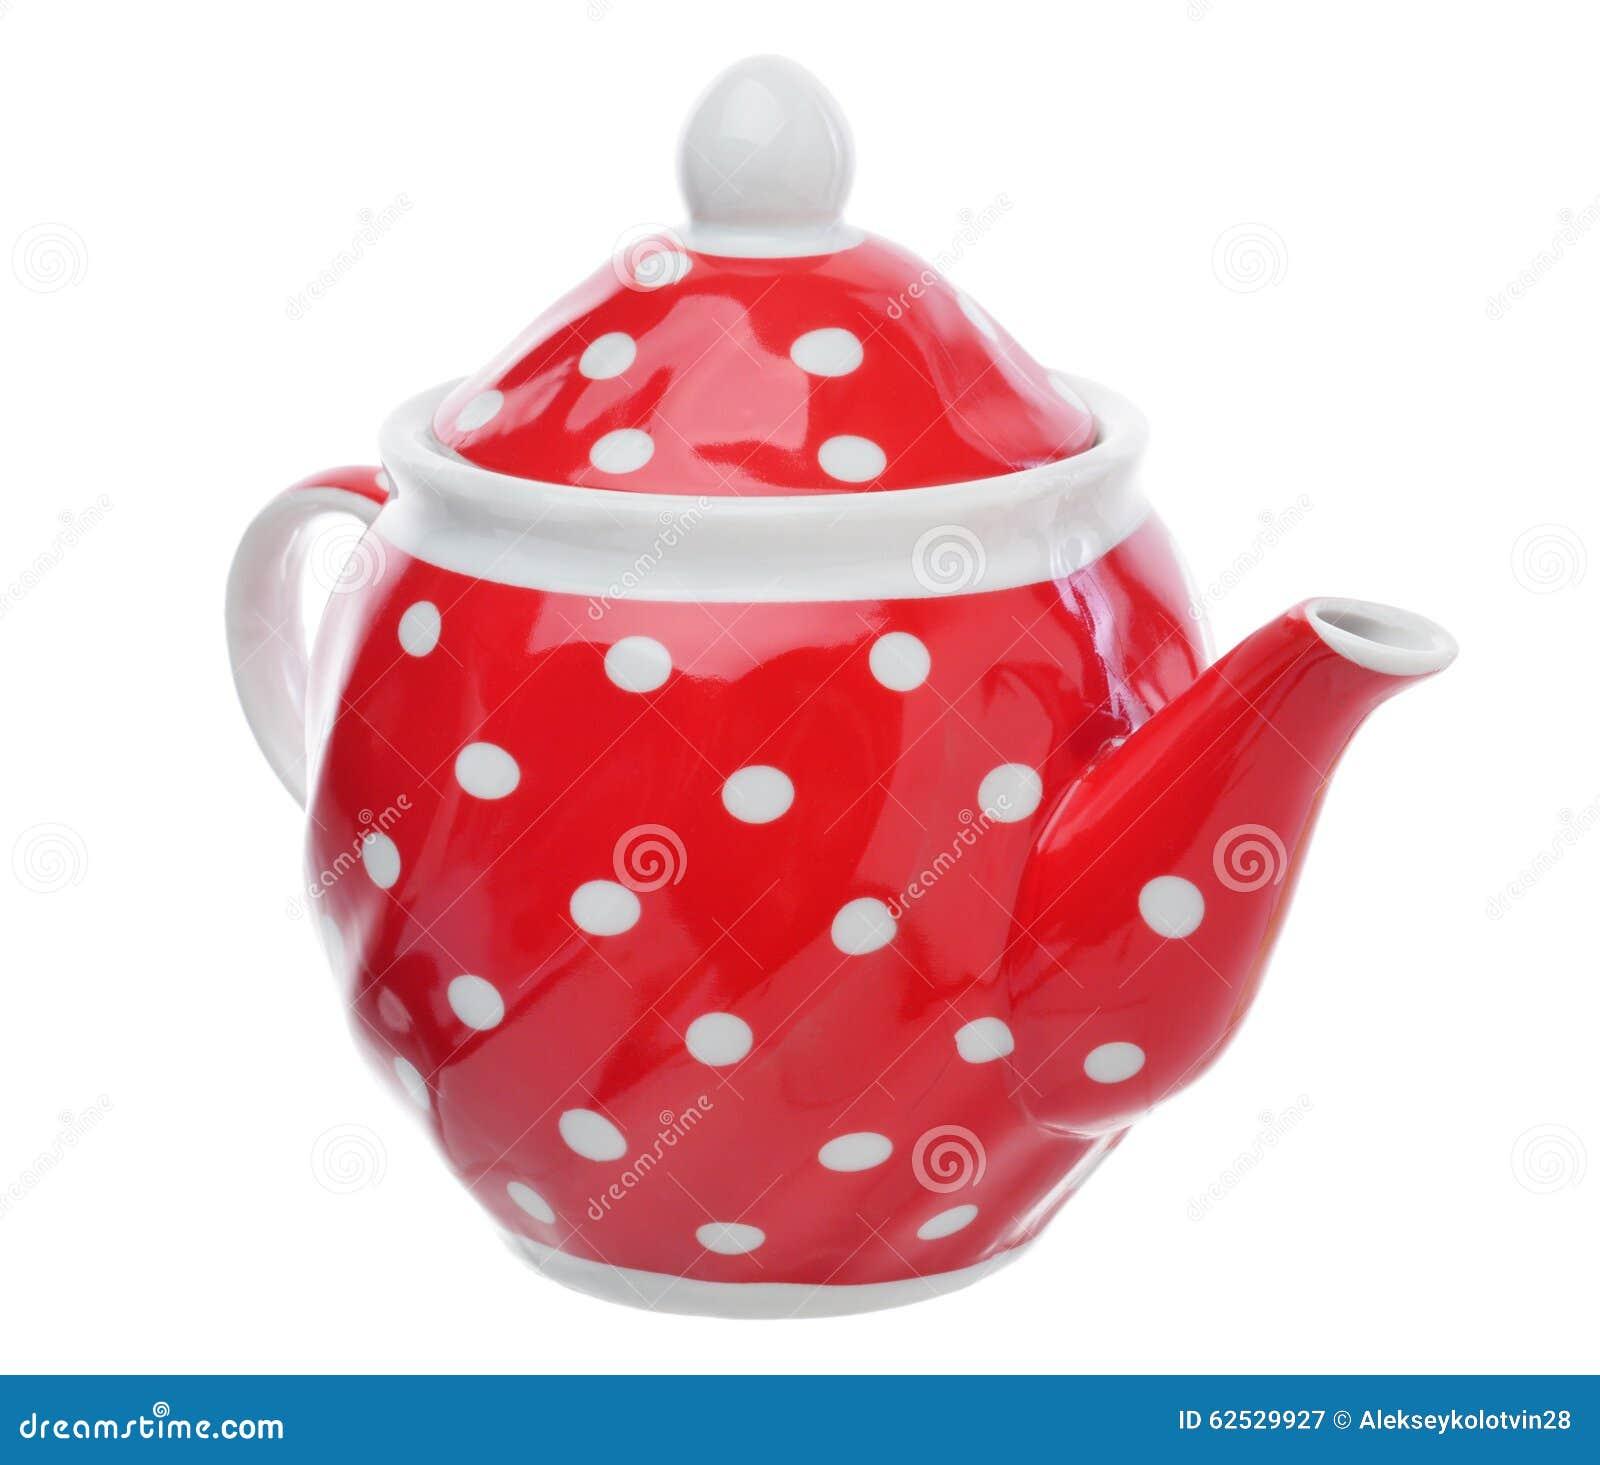 有圆点的红色茶壶被隔绝在白色